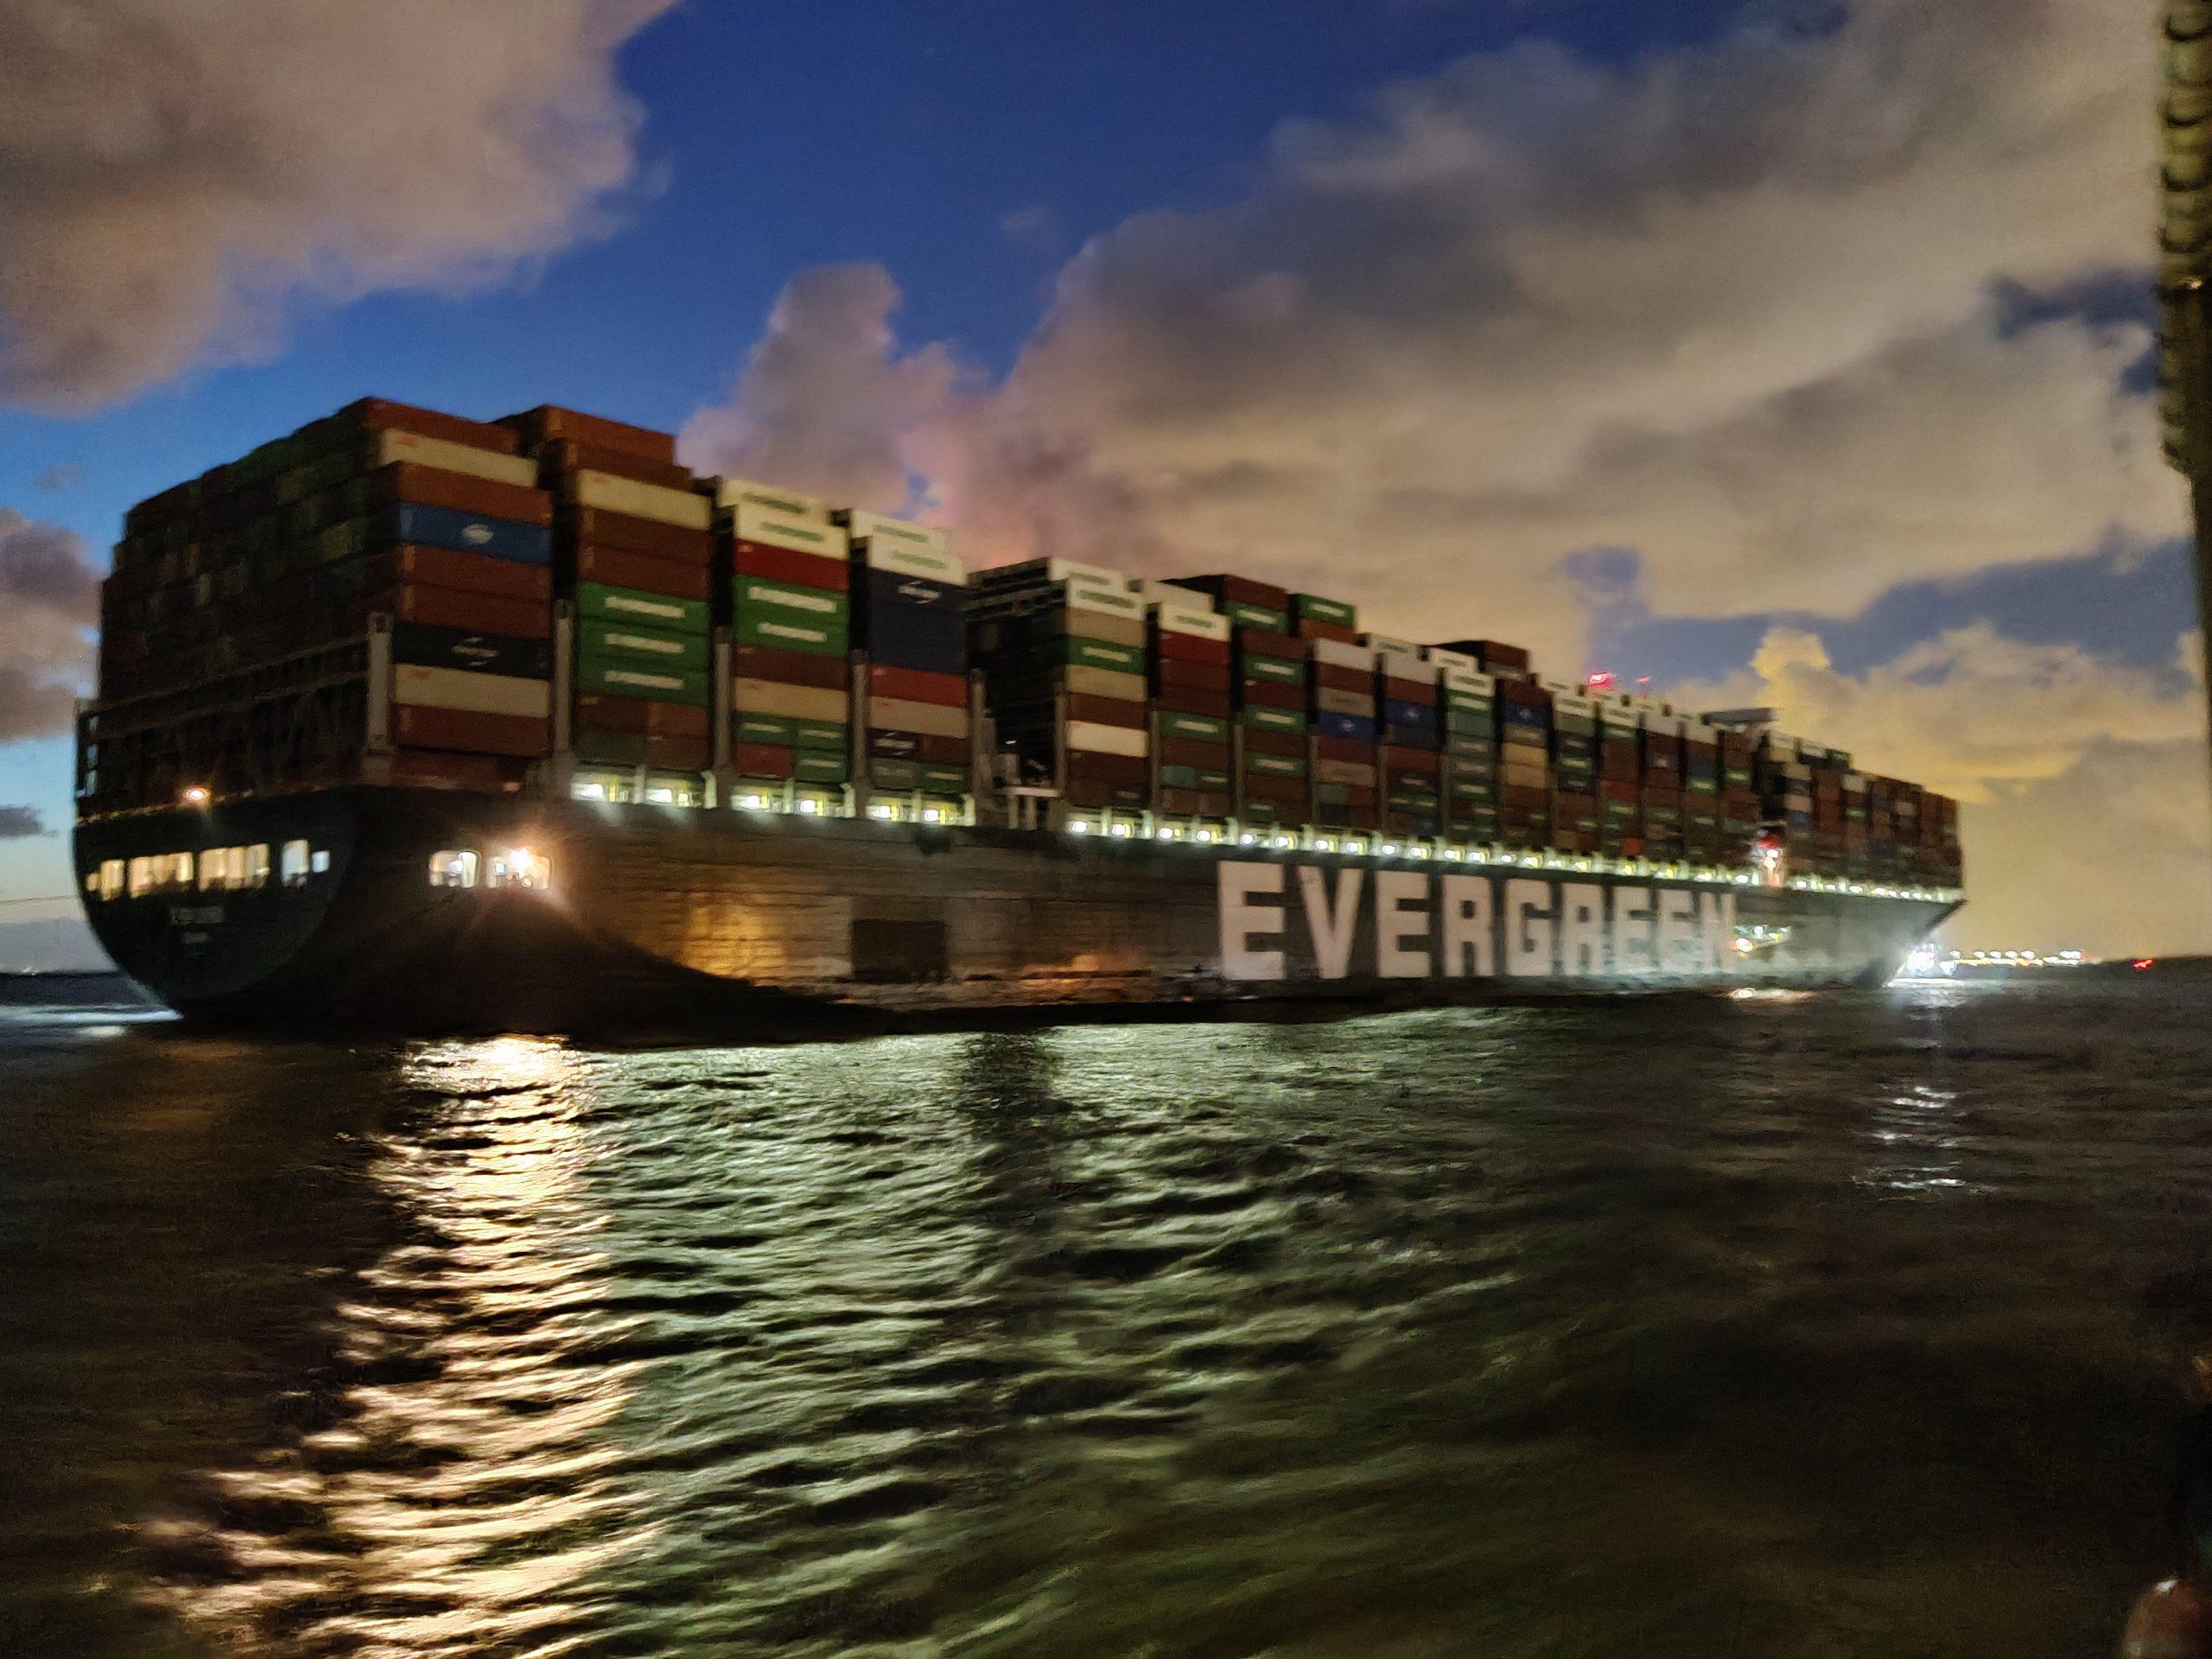 De Ever Given komt aan in de haven van Rotterdam op donderdag 29 juli. (Foto Robin van den Bovenkamp)